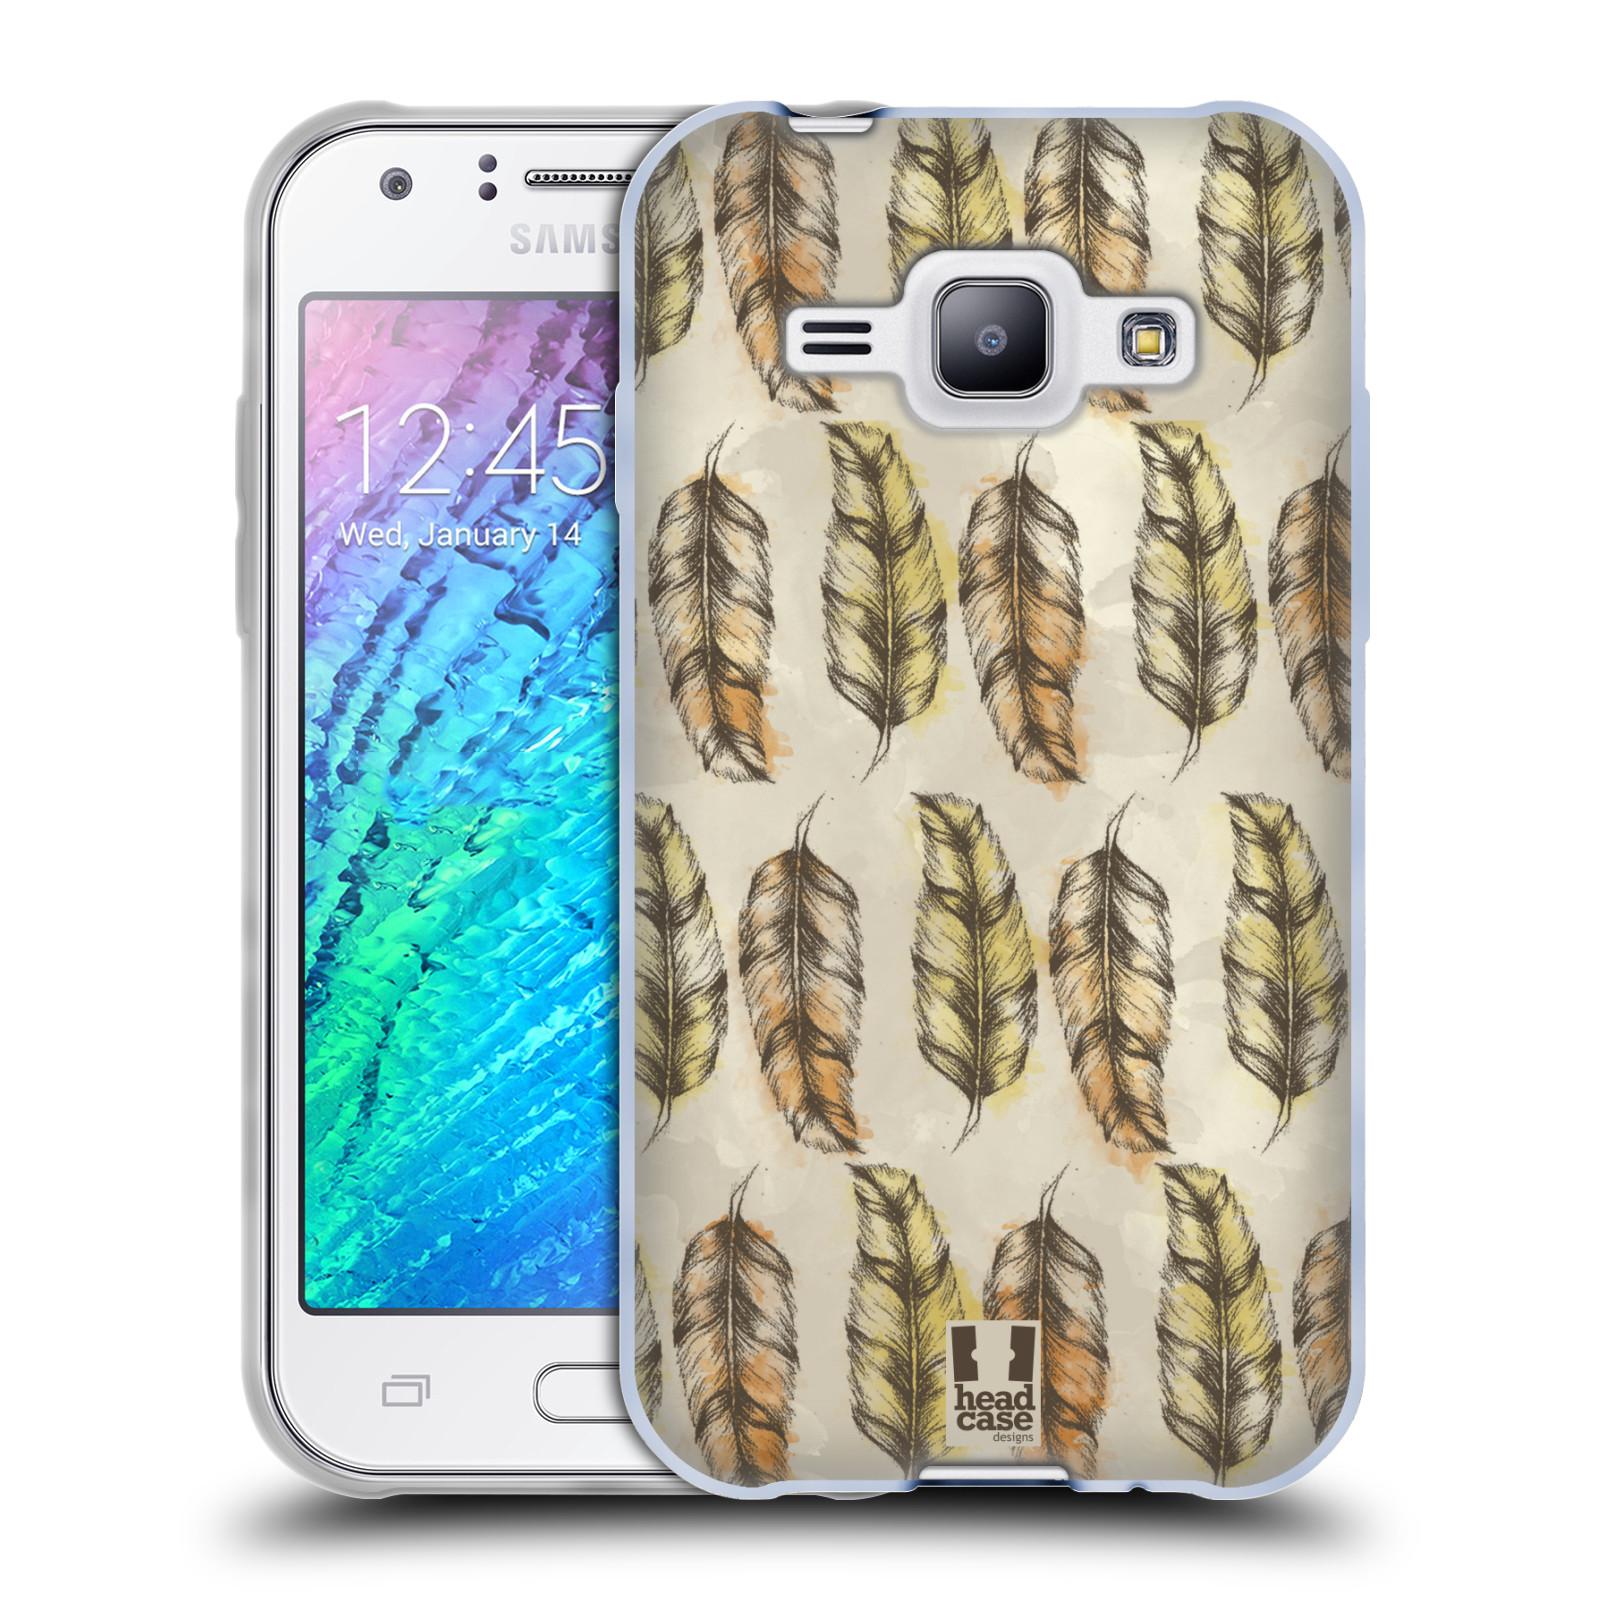 Silikonové pouzdro na mobil Samsung Galaxy J1 - Head Case - Bohémská pírka (Silikonový kryt či obal na mobilní telefon s motivem Bohemian Soul pro Samsung Galaxy J1 a J1 Duos)